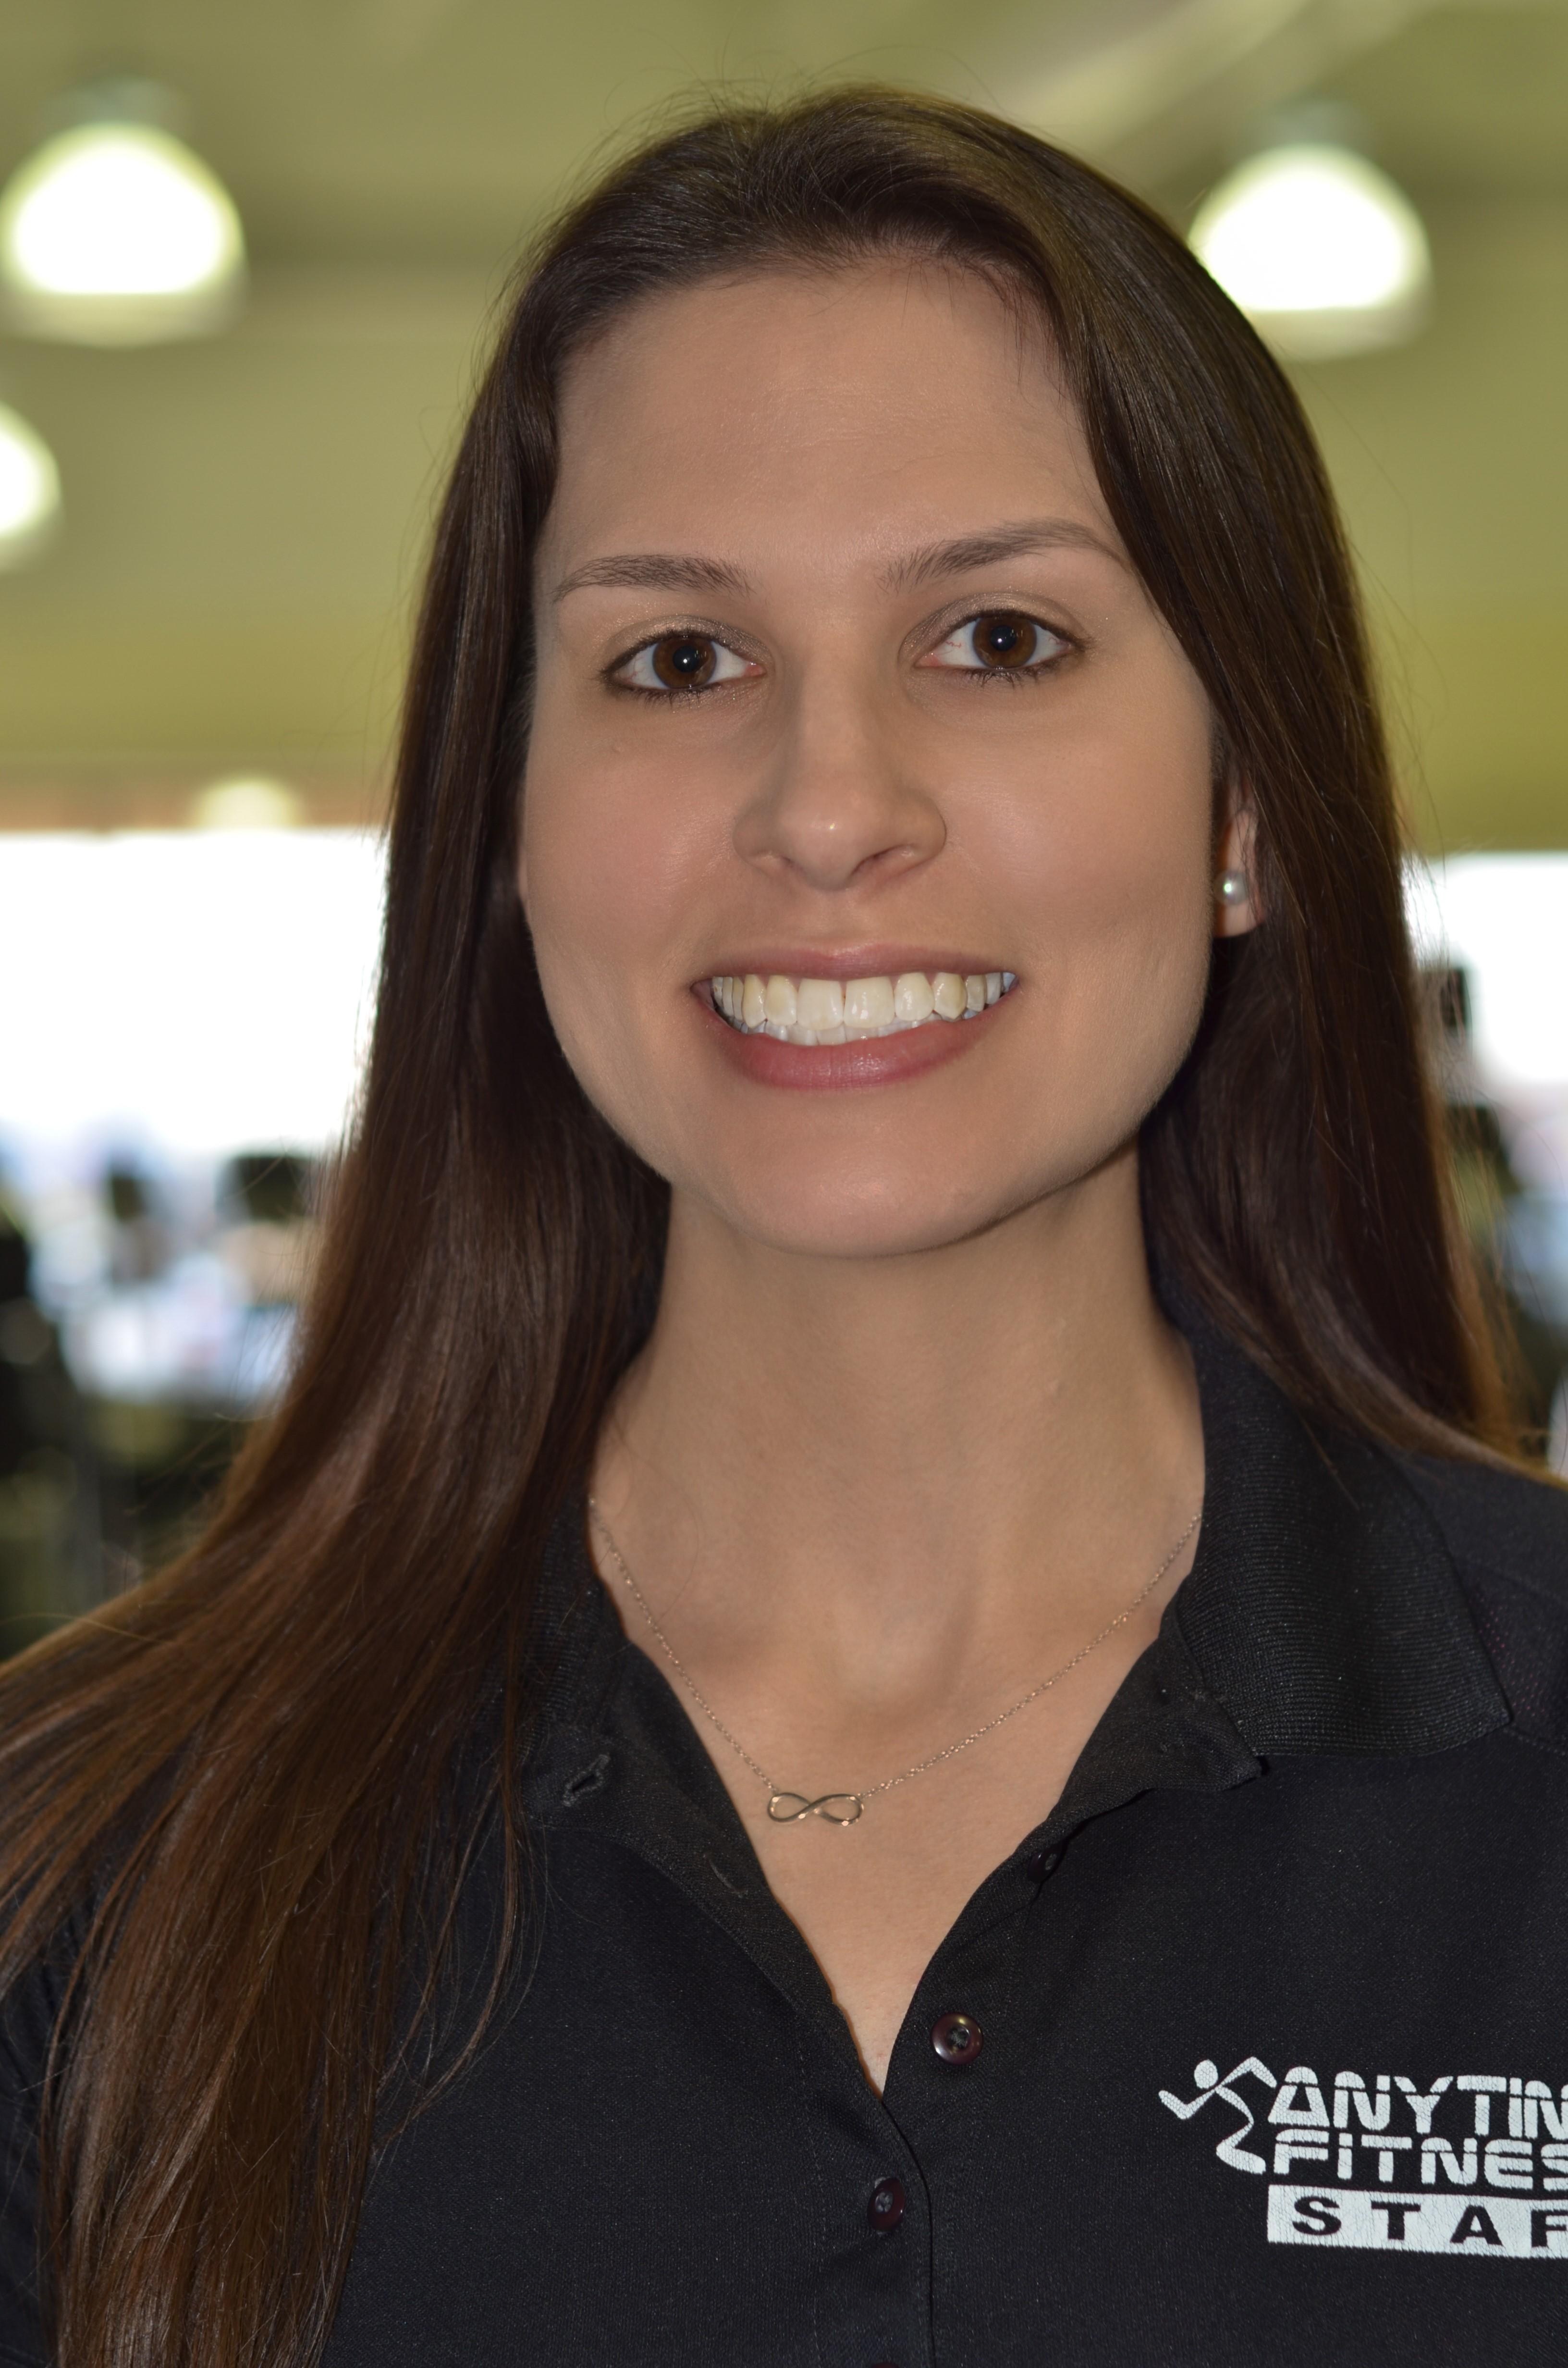 Melanie Geyman